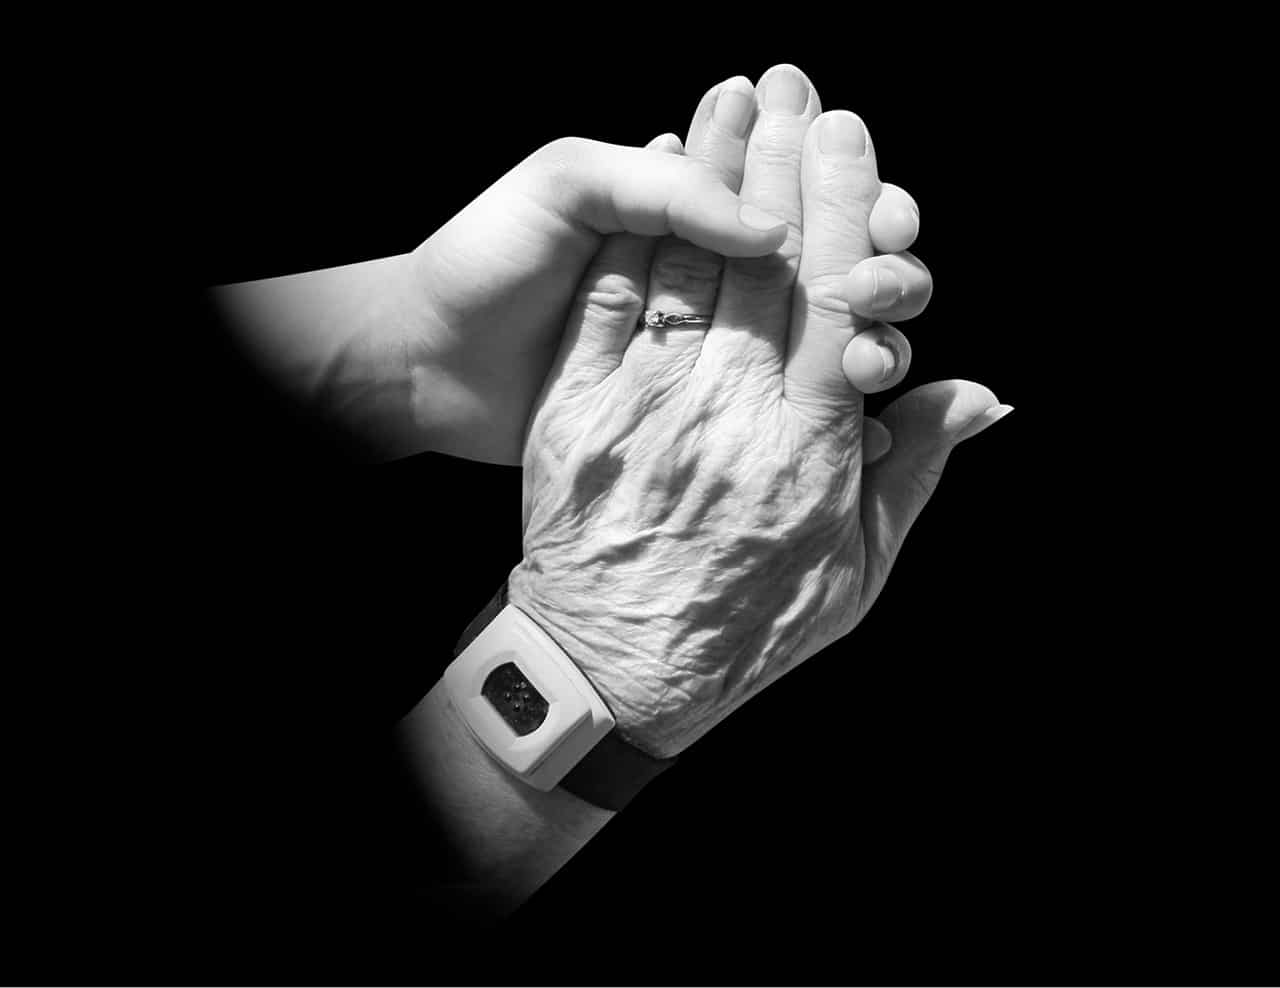 Pflegemanagement Fernstudium - Personalverantwortung Hände Griff